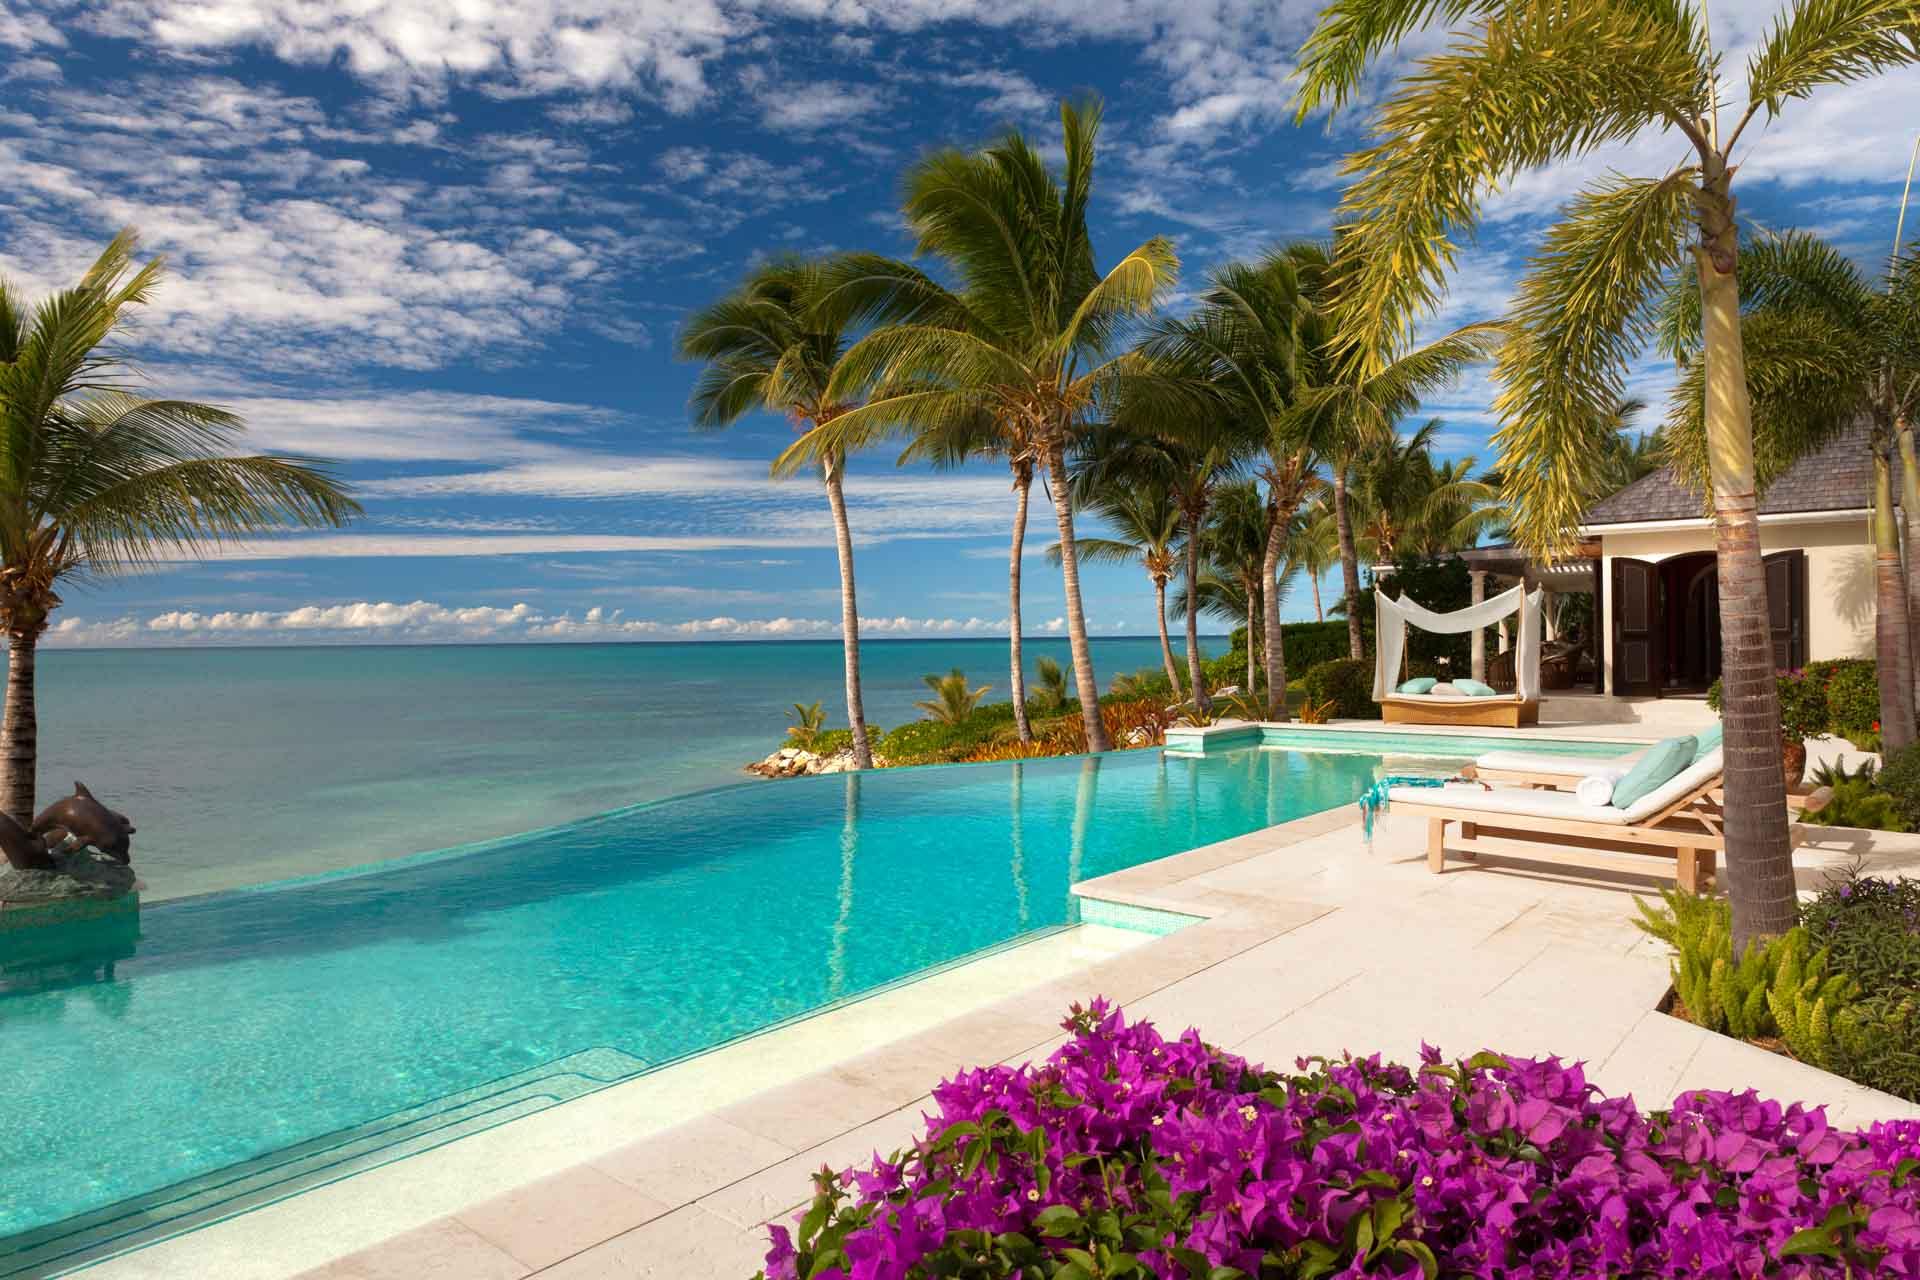 Au large de l'île antillaise d'Antigua, l'île privée Jumby Bay Island a rouvert le 7 novembre. Activités nautiques, gastronomie, environnement préservé et engagement durable font de ce refuge exclusif une destination absolument paradisiaque.